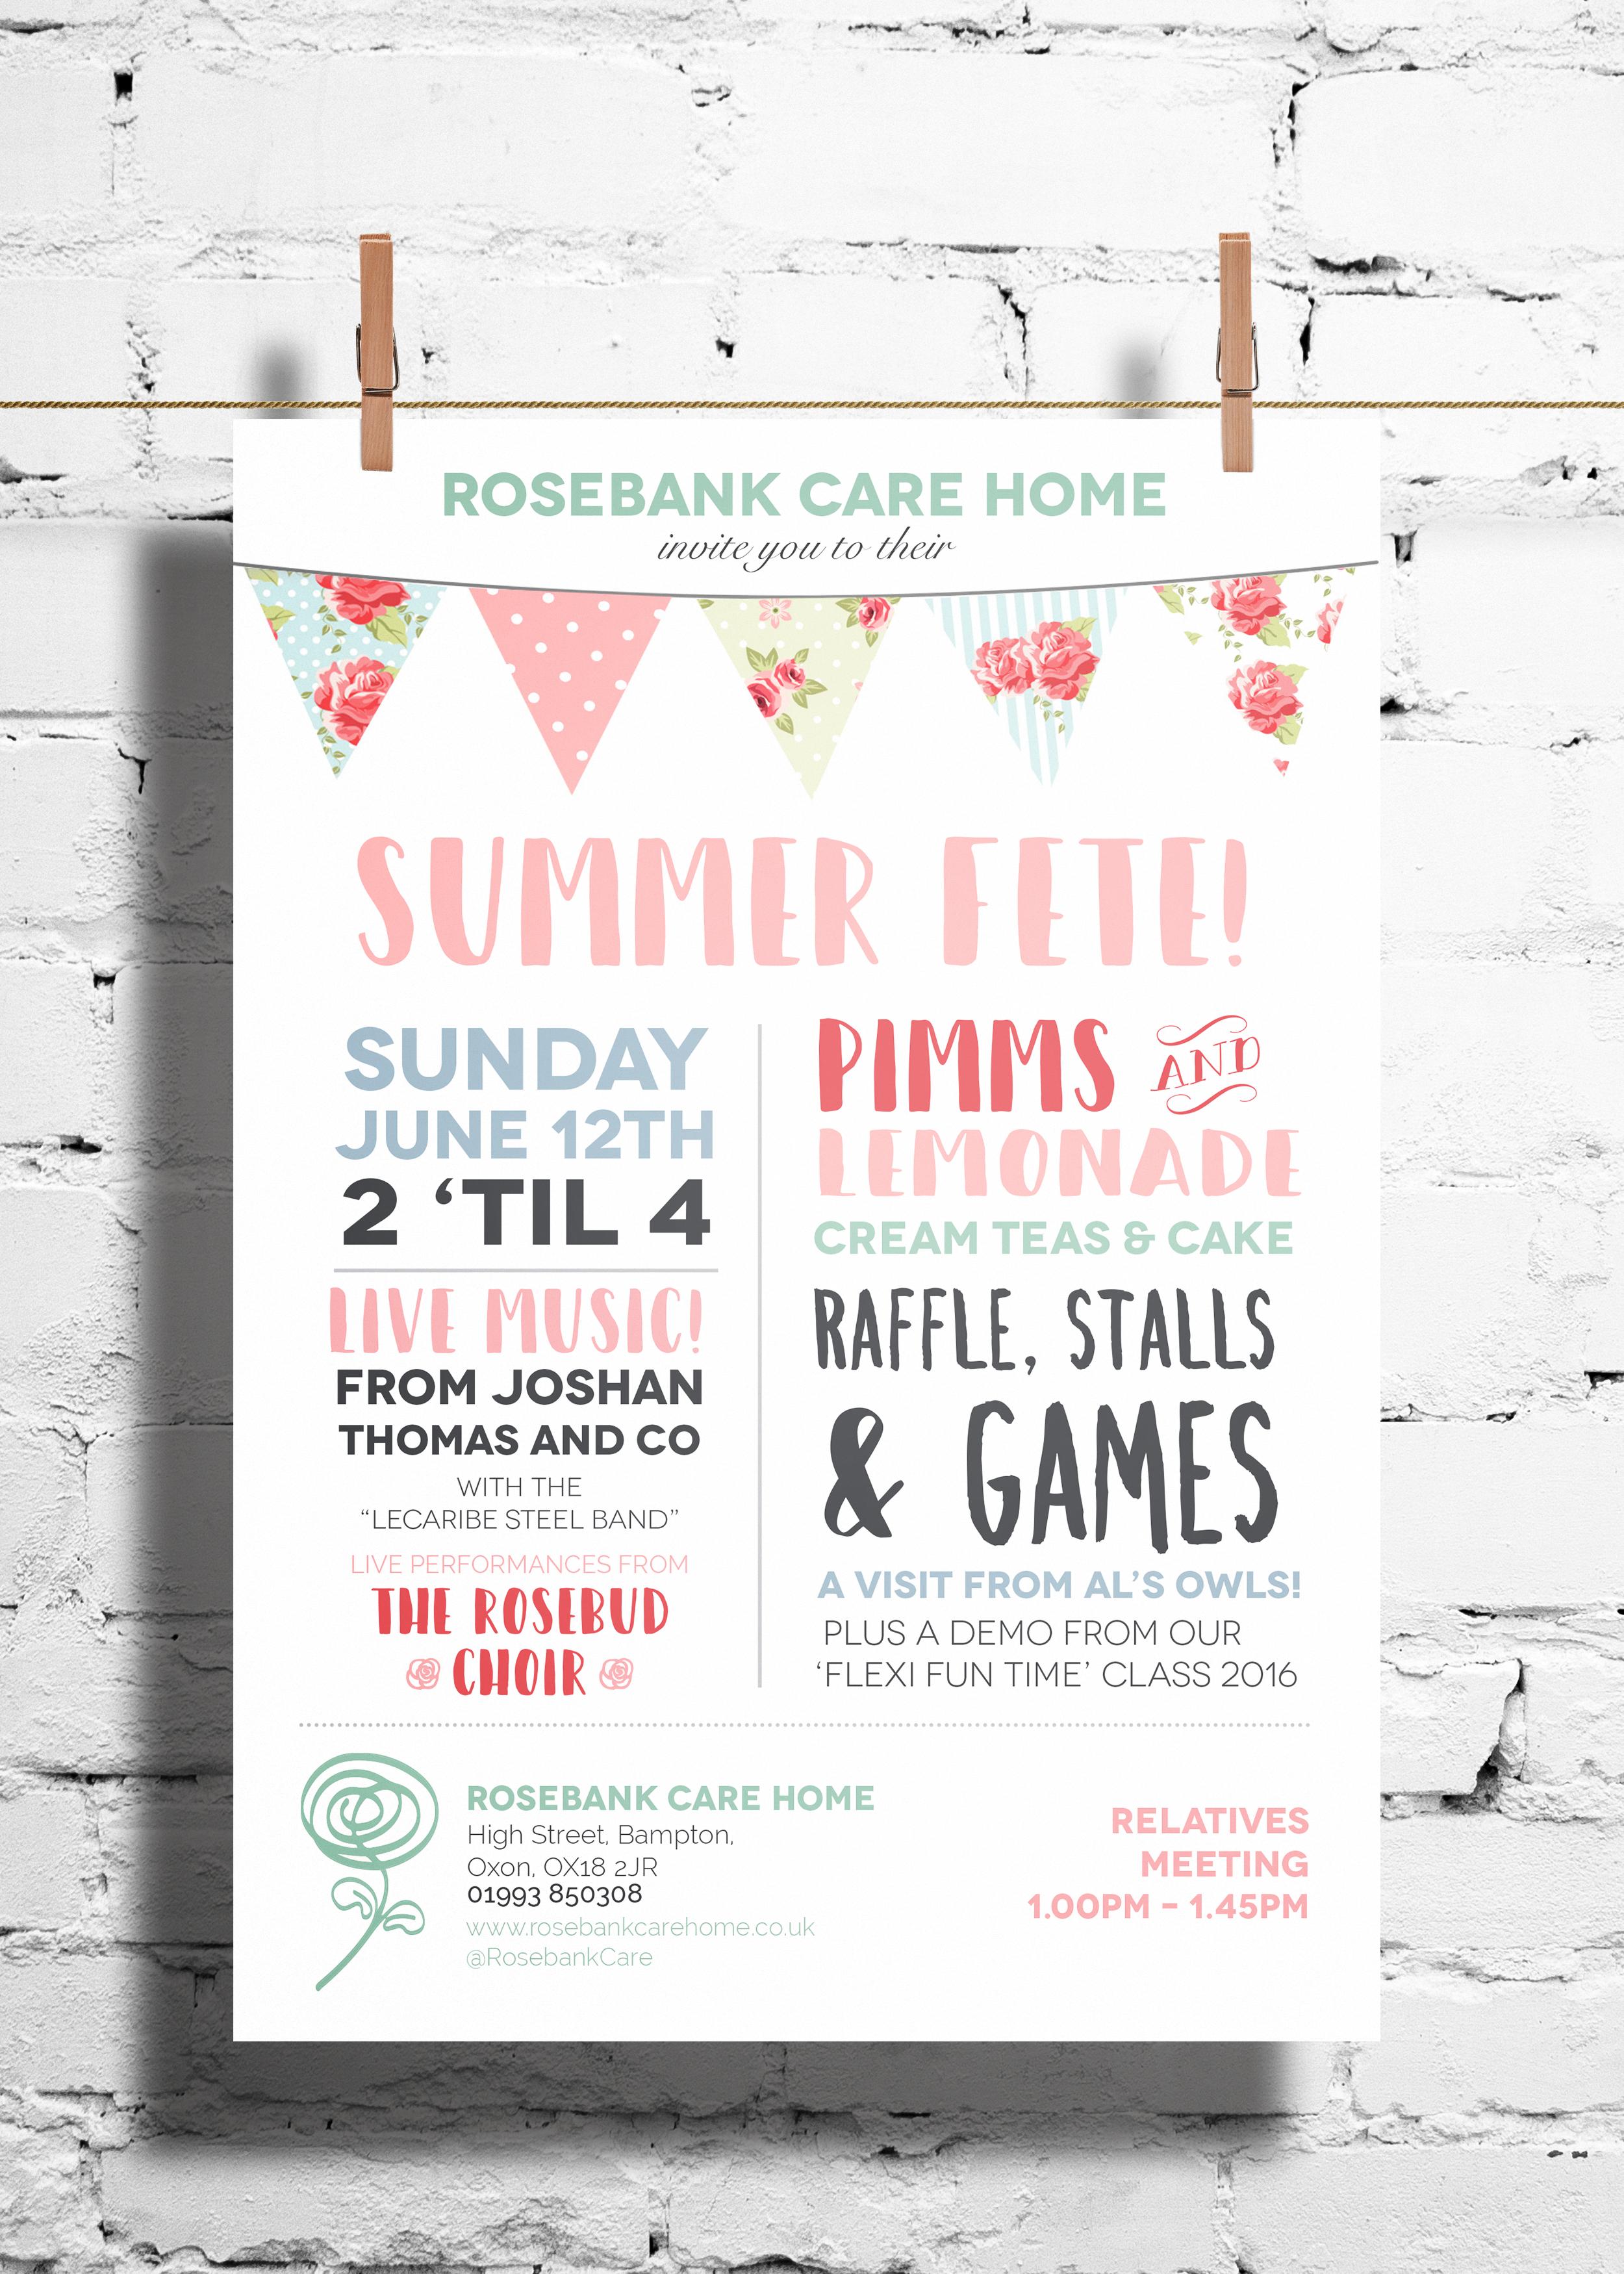 Rosebank summer fete poster mockup.png